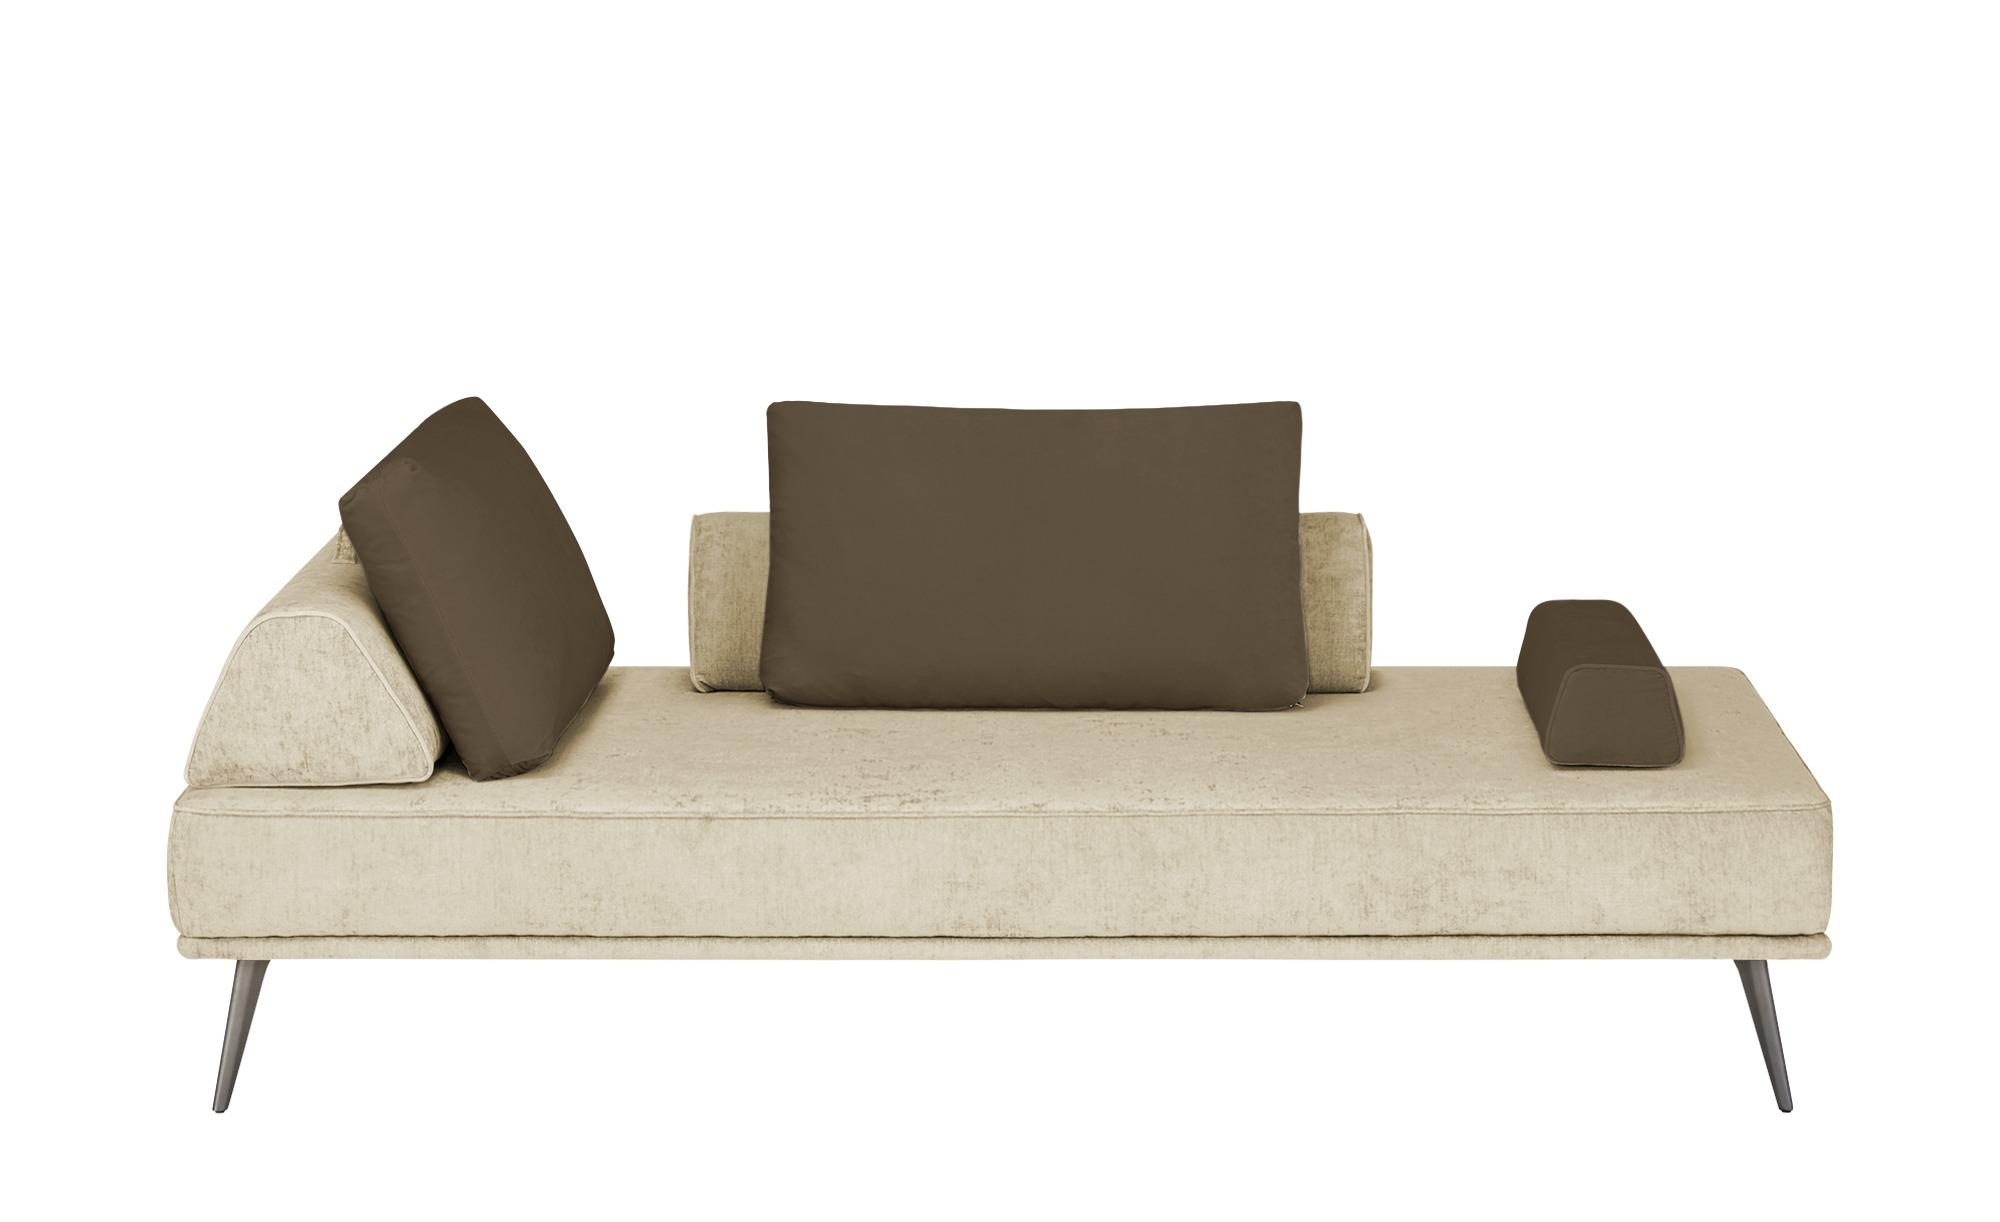 SOHO Tagesliege  Alexa - beige - 202 cm - 80 cm - 102 cm - Polstermöbel > Relaxliegen - Möbel Kraft | Wohnzimmer > Sessel > Relaxliegen | SOHO